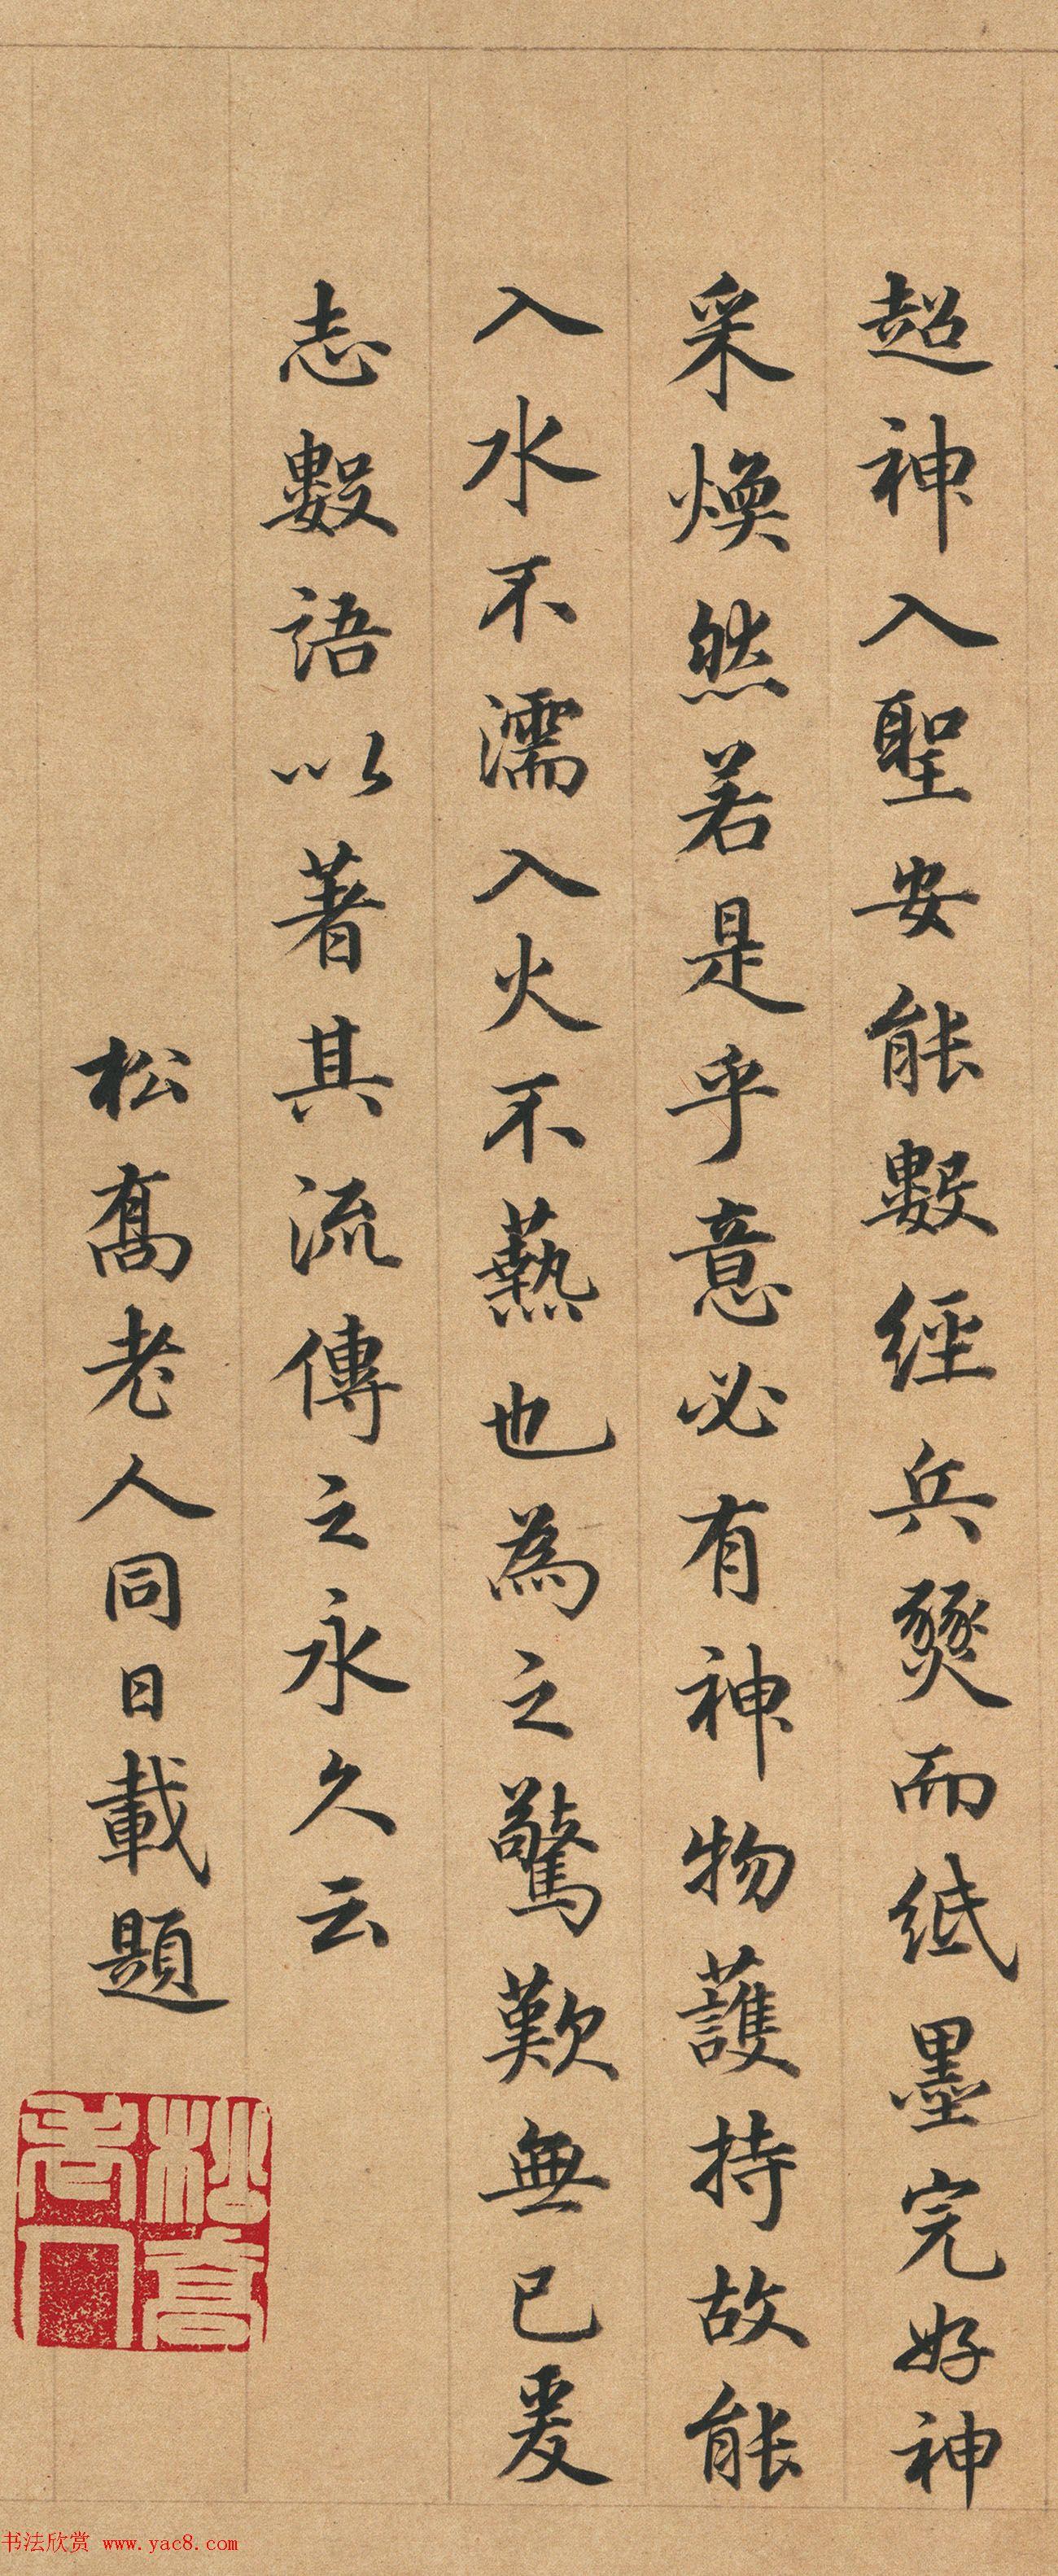 太傅王顼龄83岁书法欣赏